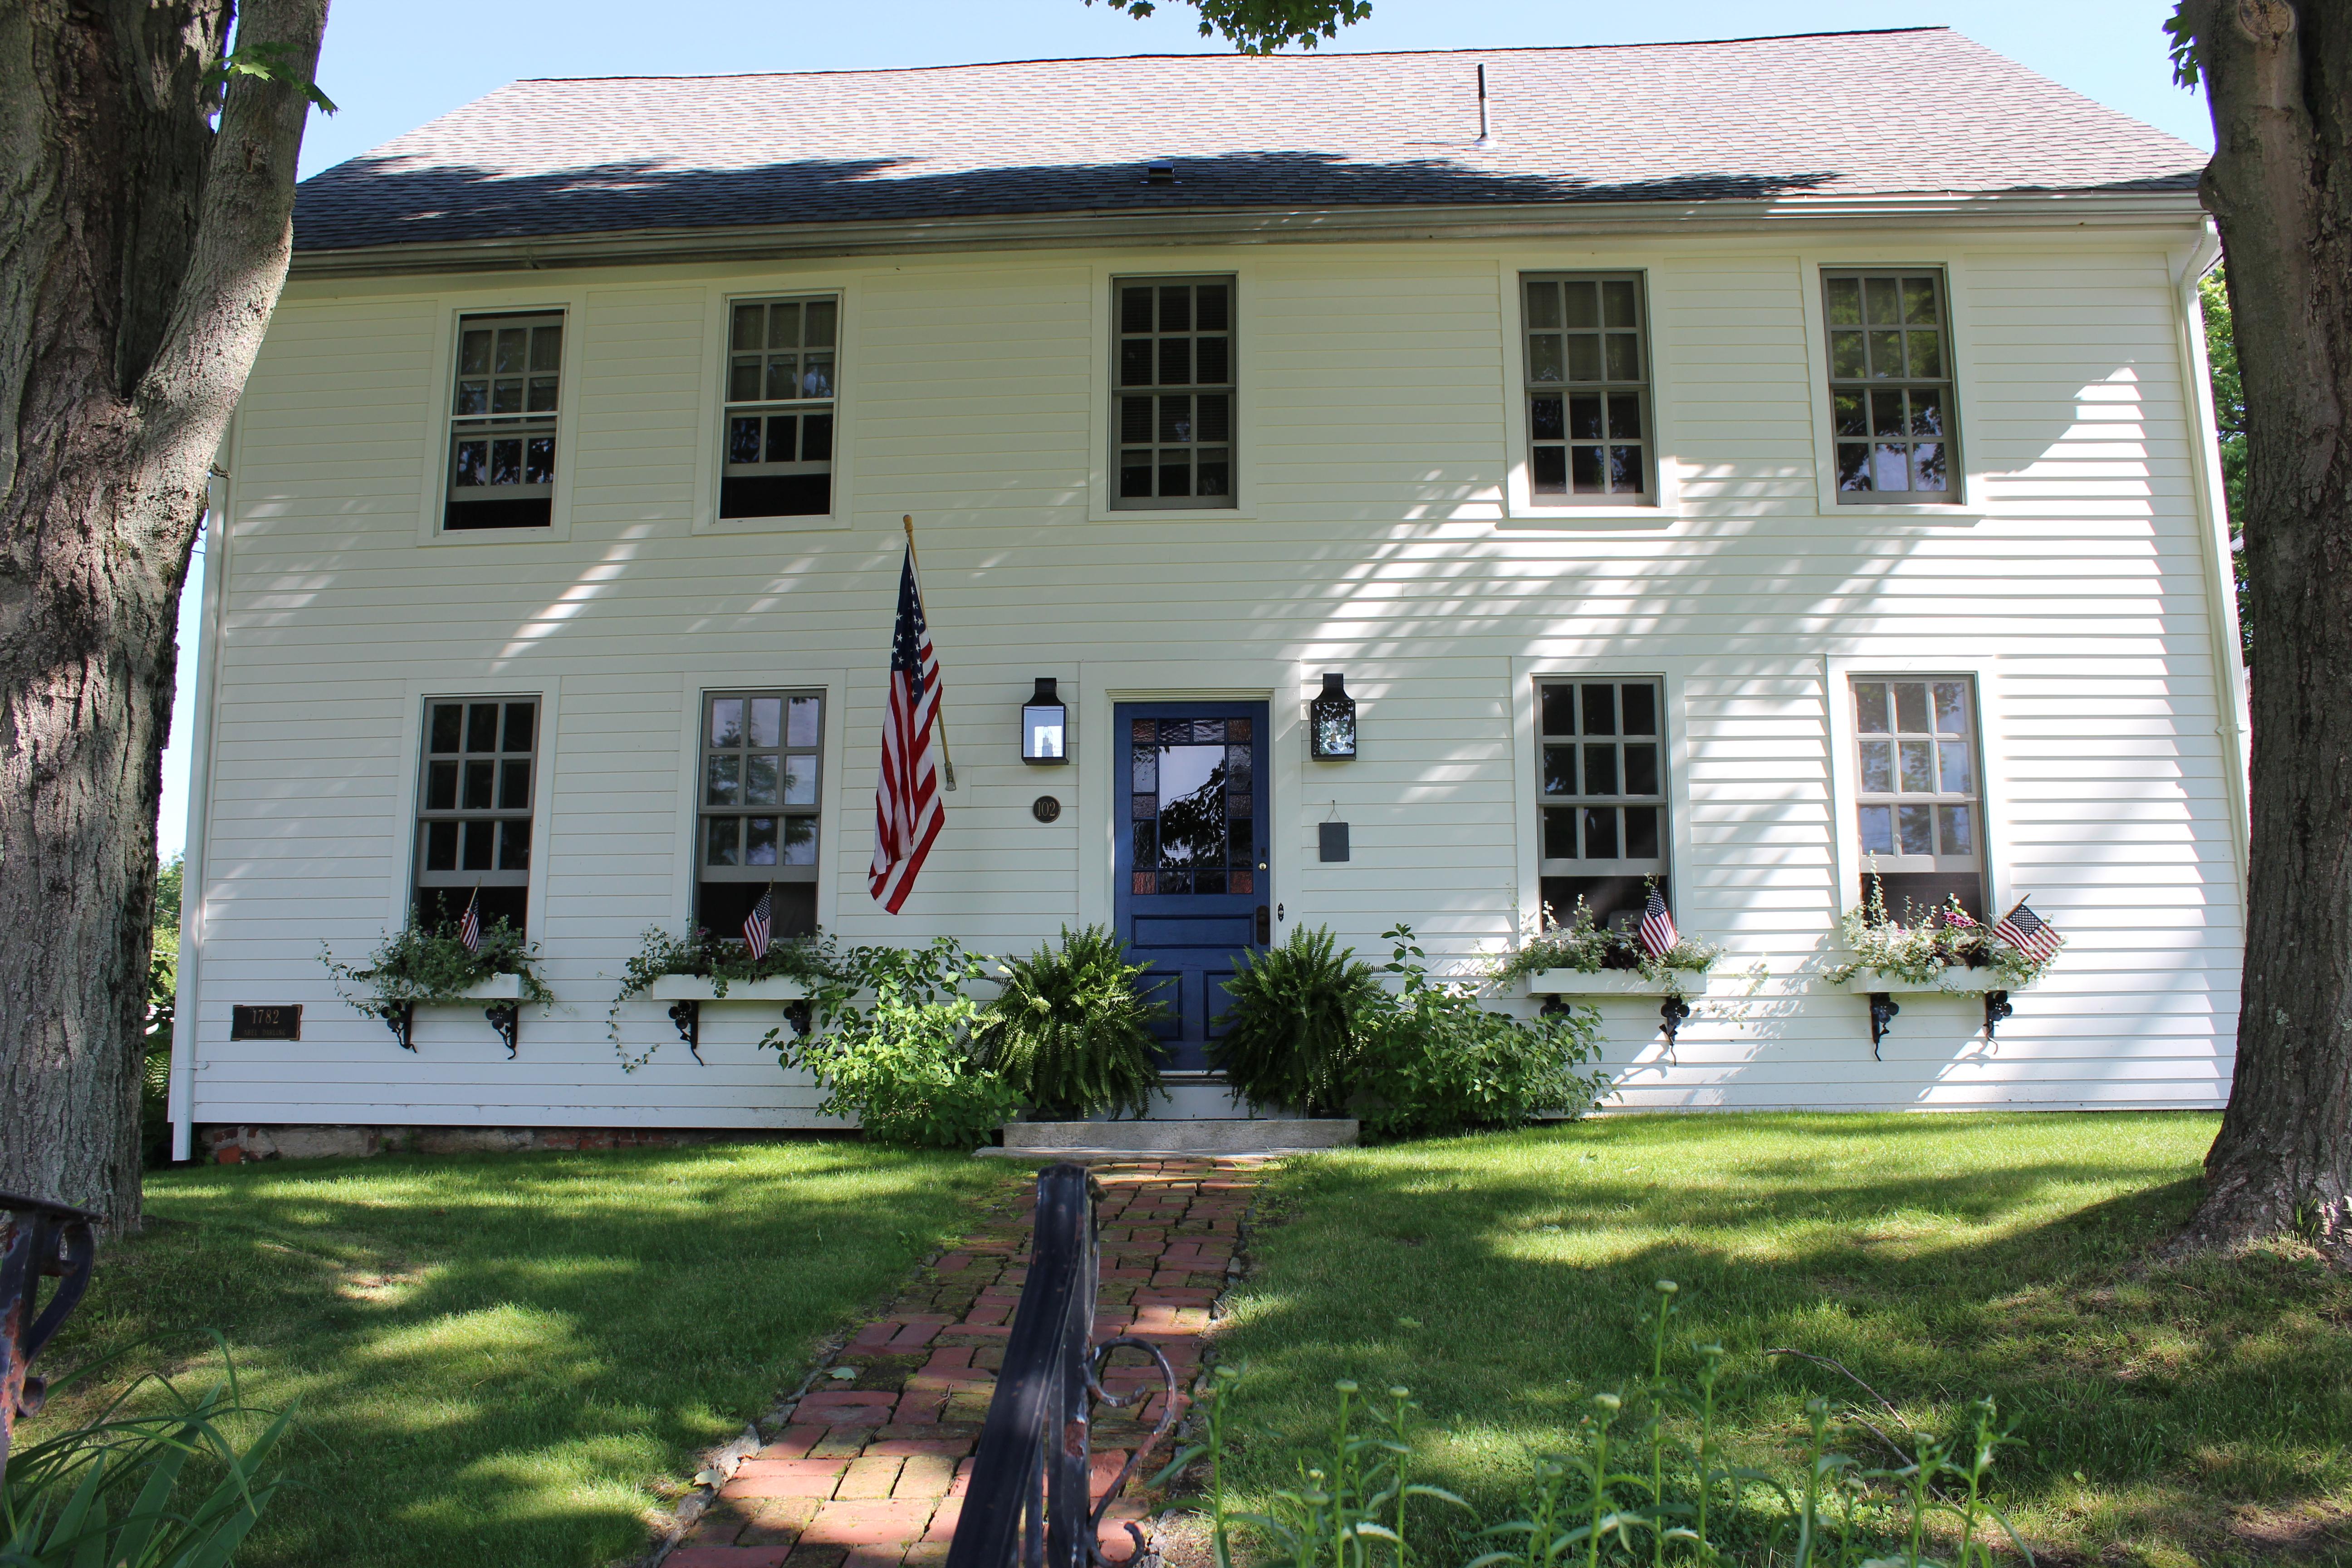 独户住宅 为 销售 在 Historic District Colonial 102 West St 利奇菲尔德, 康涅狄格州, 06759 美国